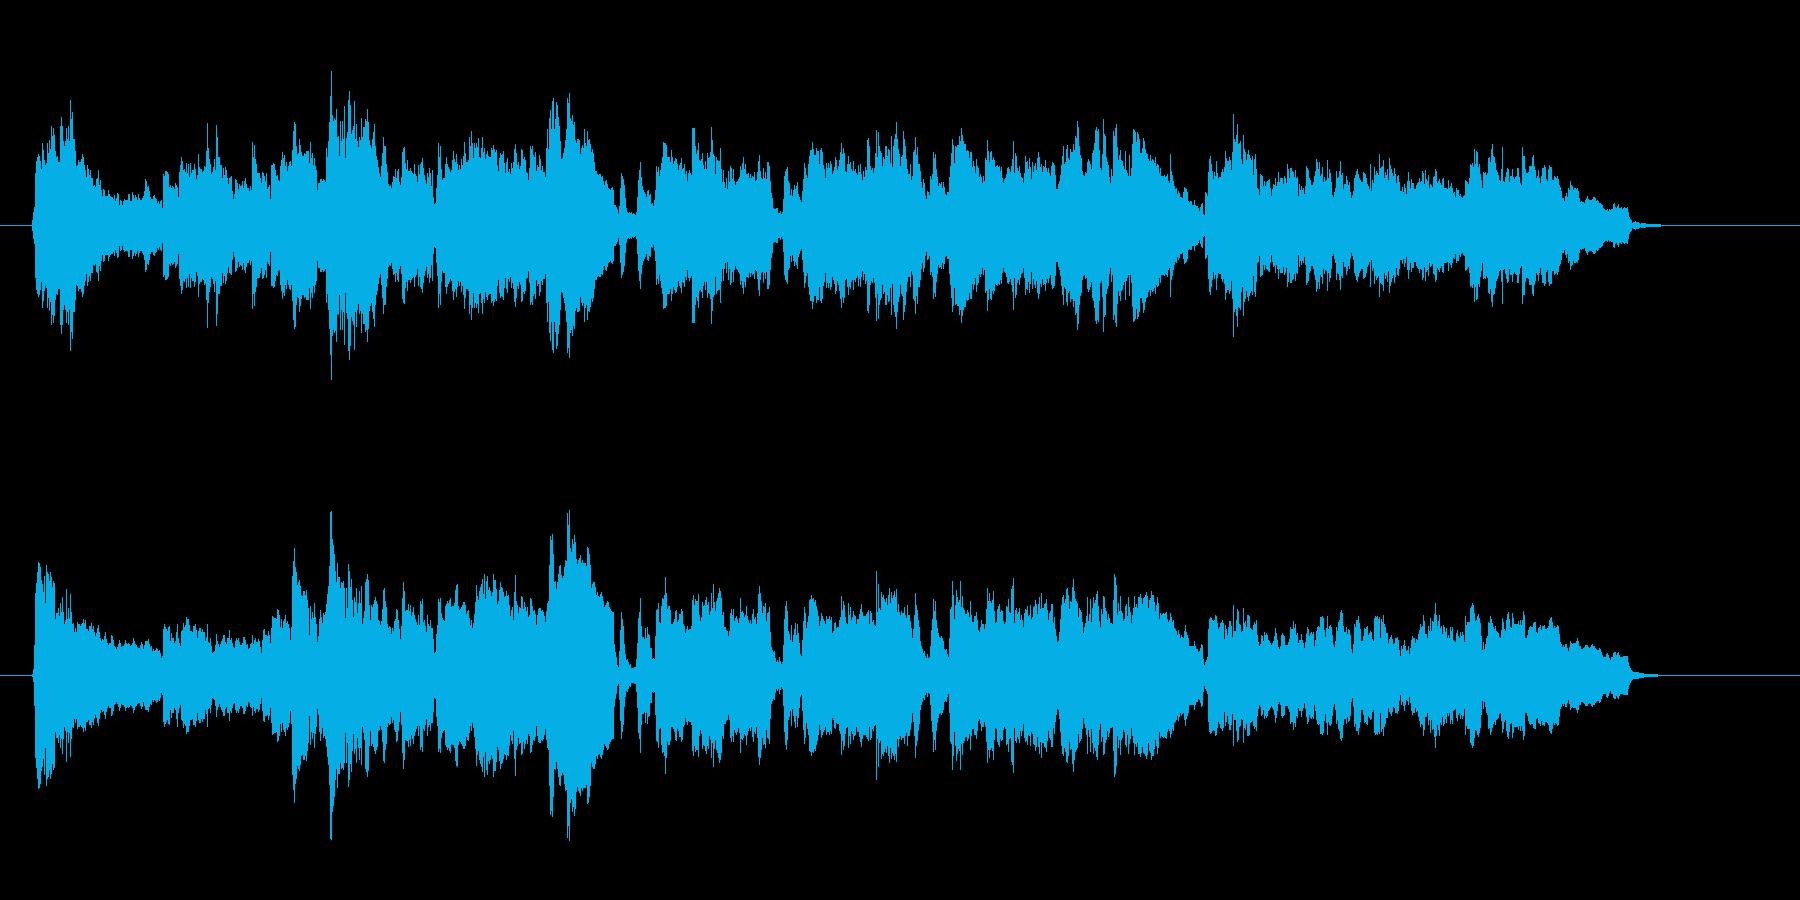 華やかなセミクラ風ナンバーの再生済みの波形